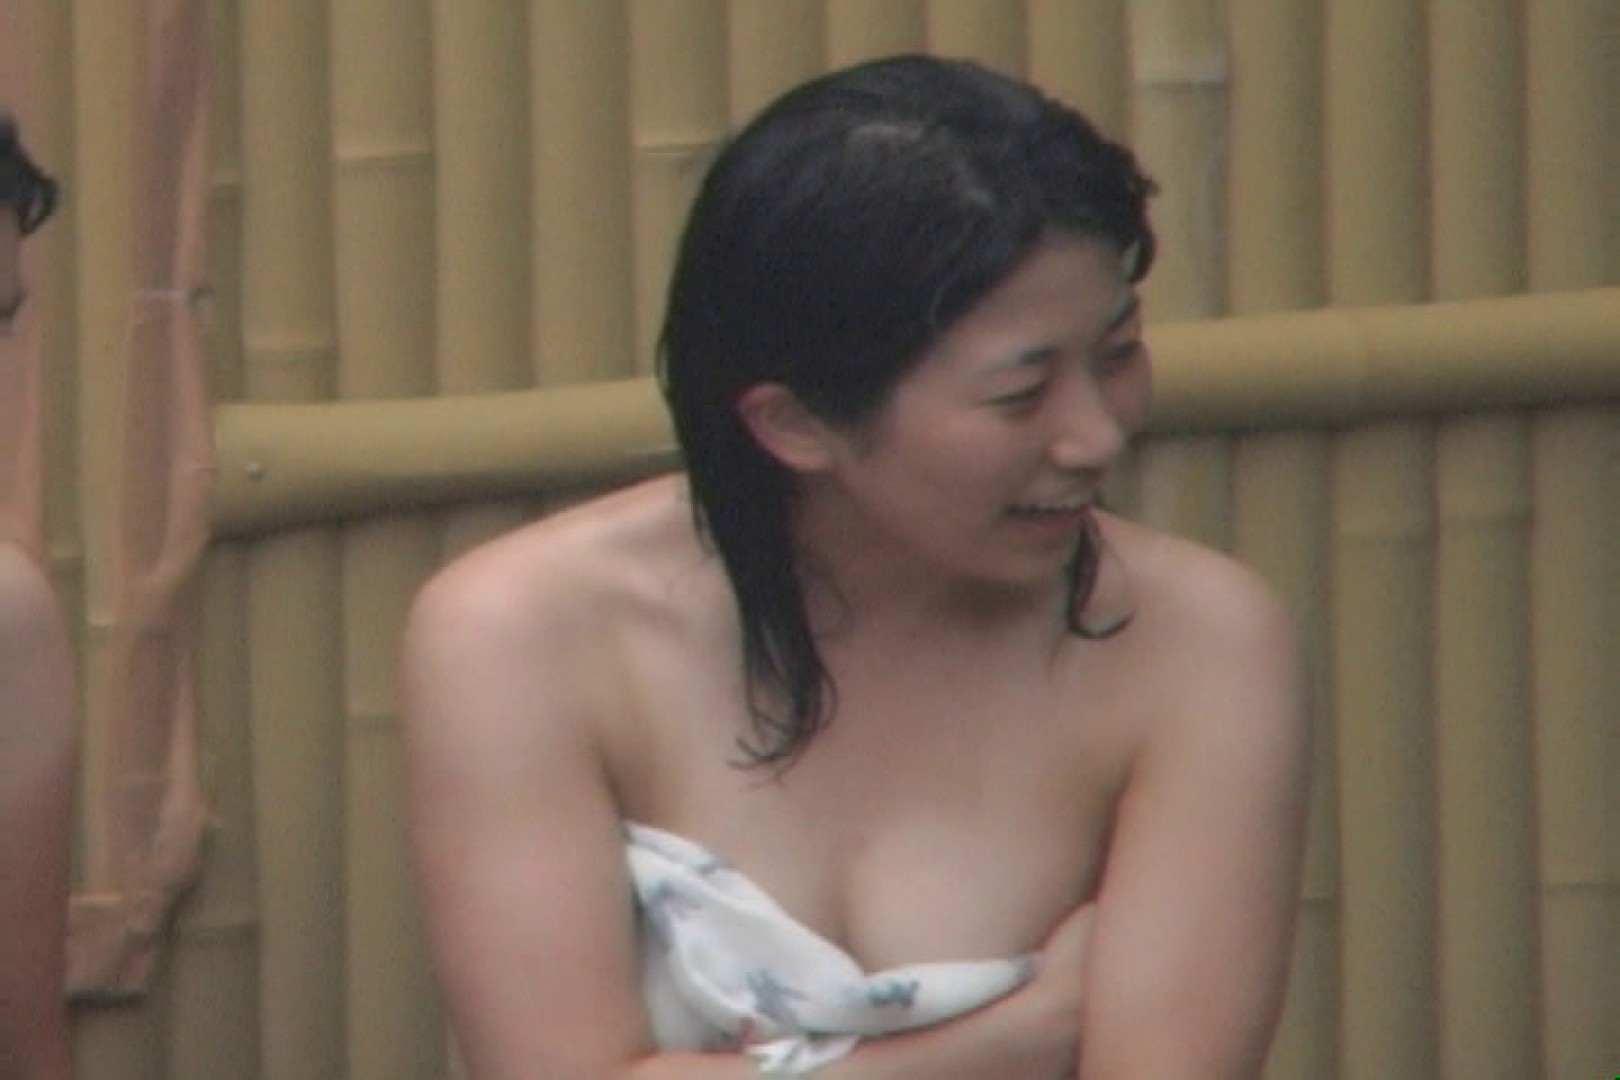 Aquaな露天風呂Vol.43【VIP限定】 露天風呂突入 覗きおまんこ画像 74pic 62